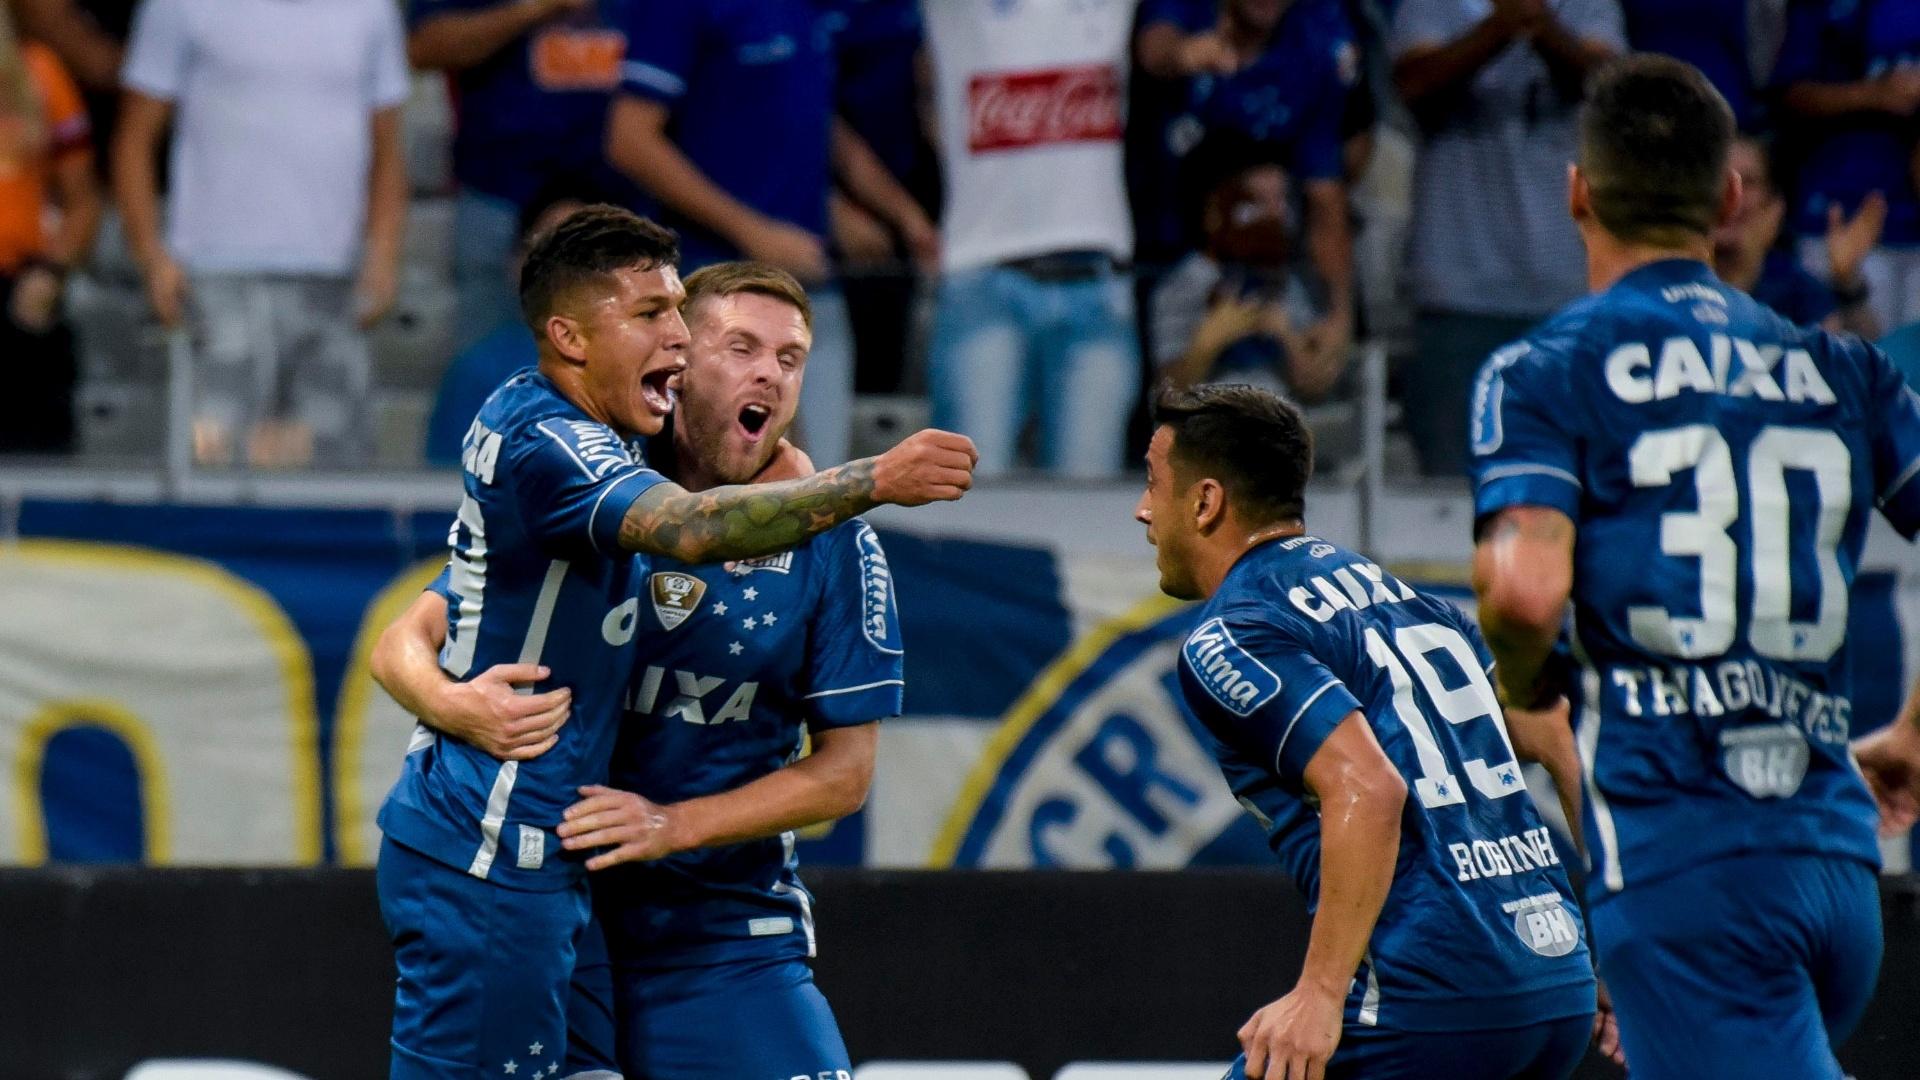 Lucas Romero empata para o Cruzeiro contra o Fluminense